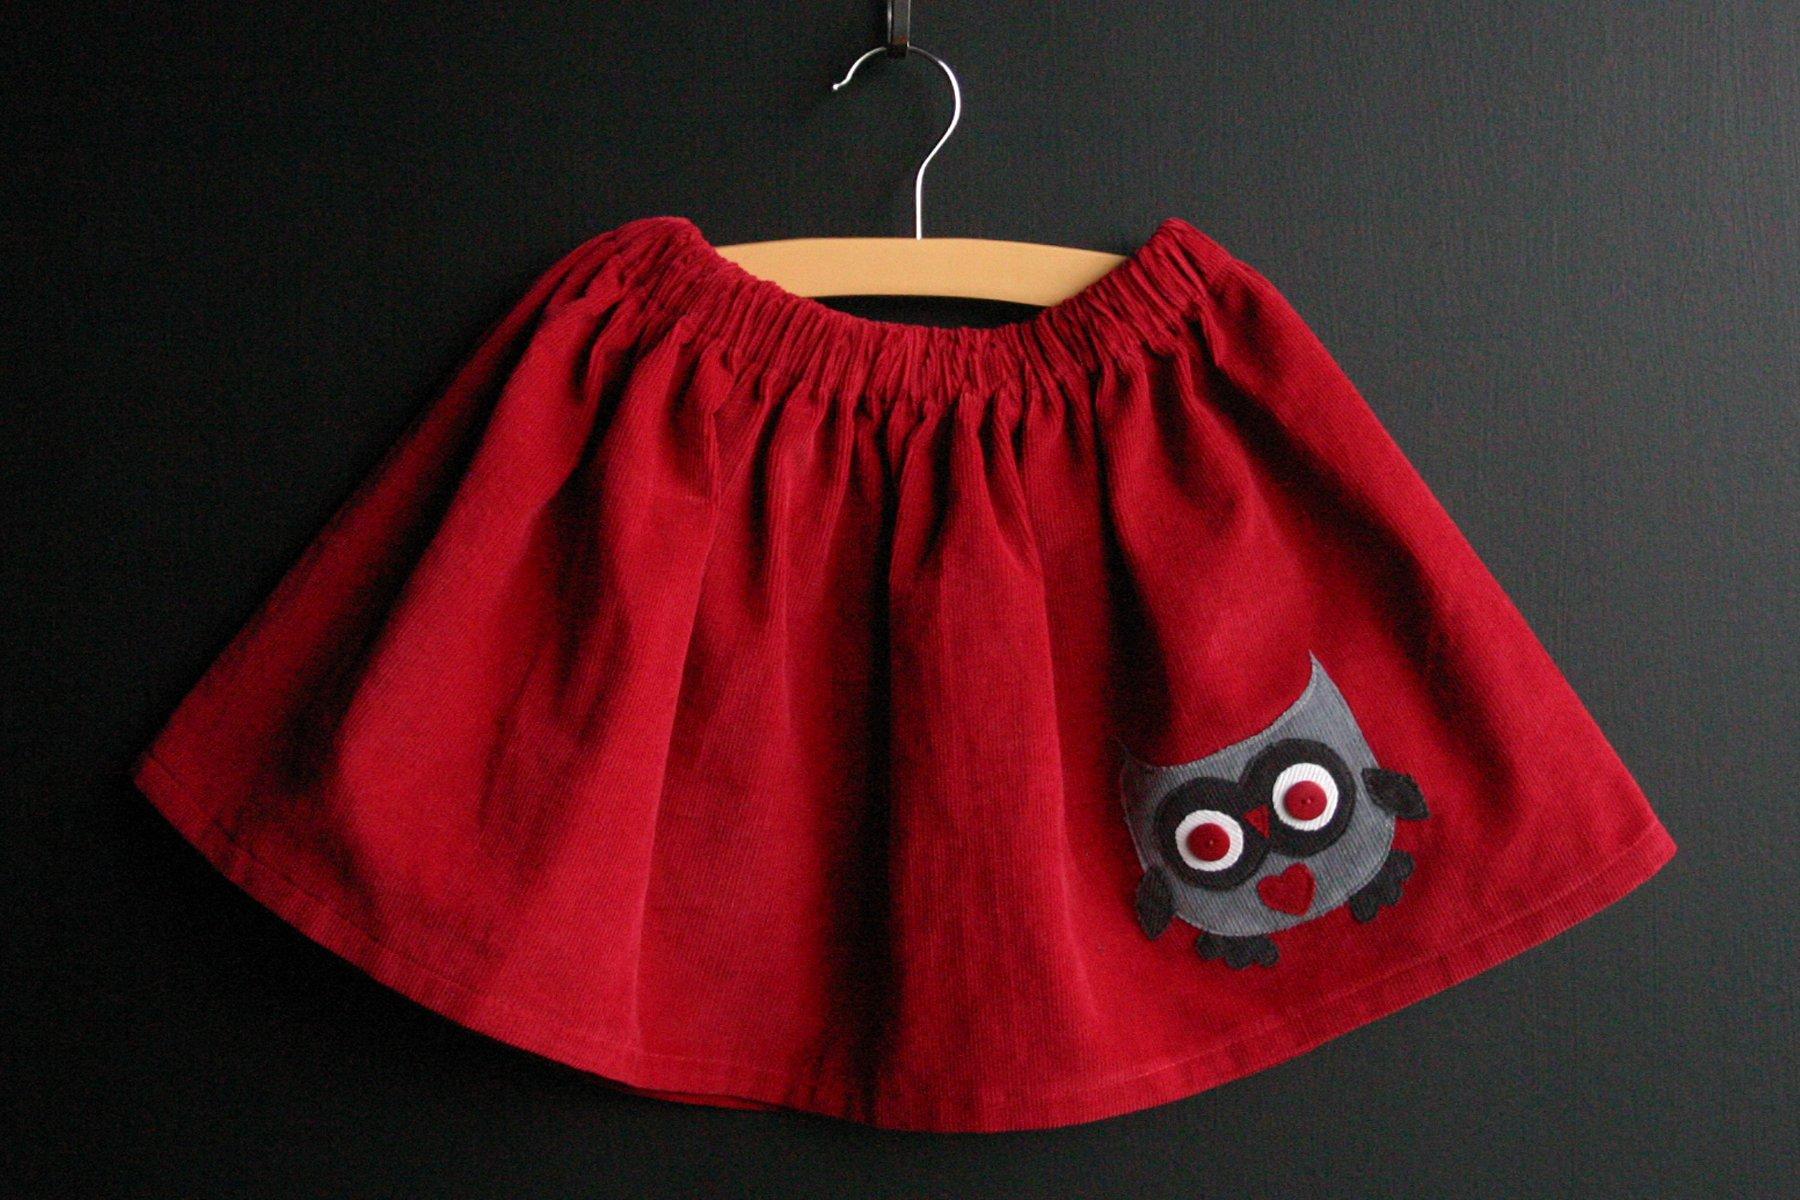 Skirt on Hanger